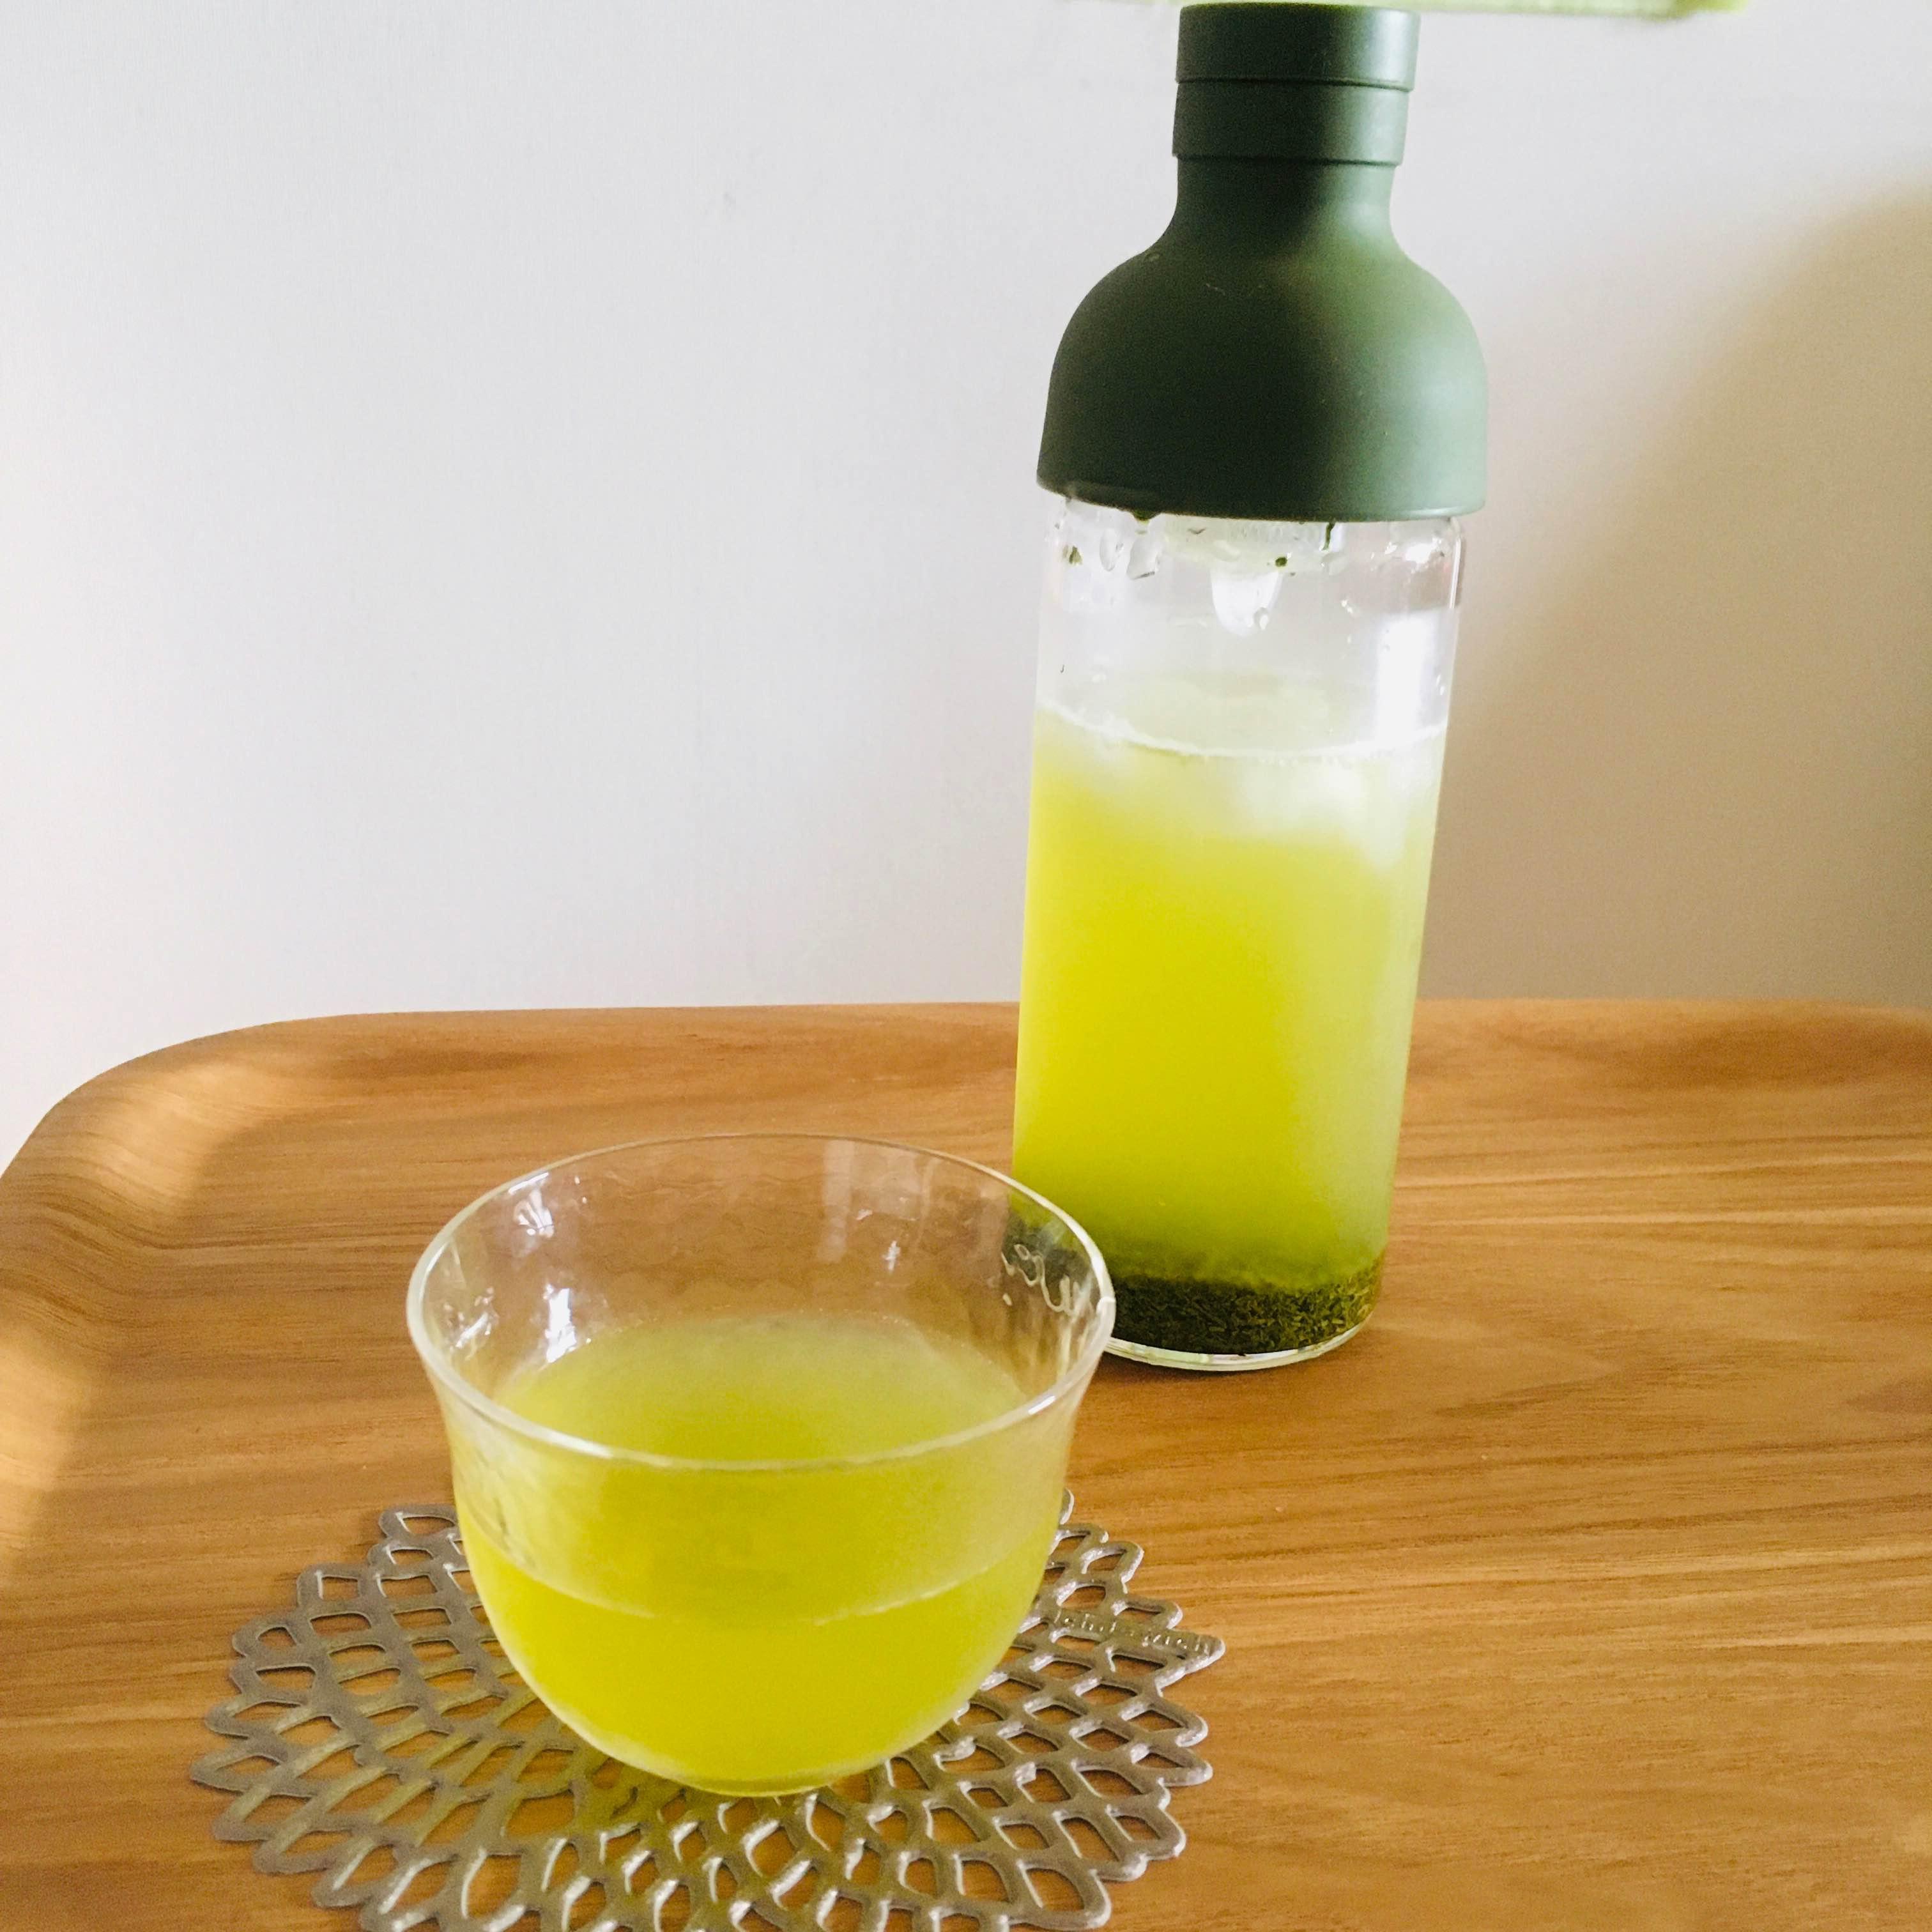 【オンライン 】簡単!時短!おいしい冷茶の作り方レッスン